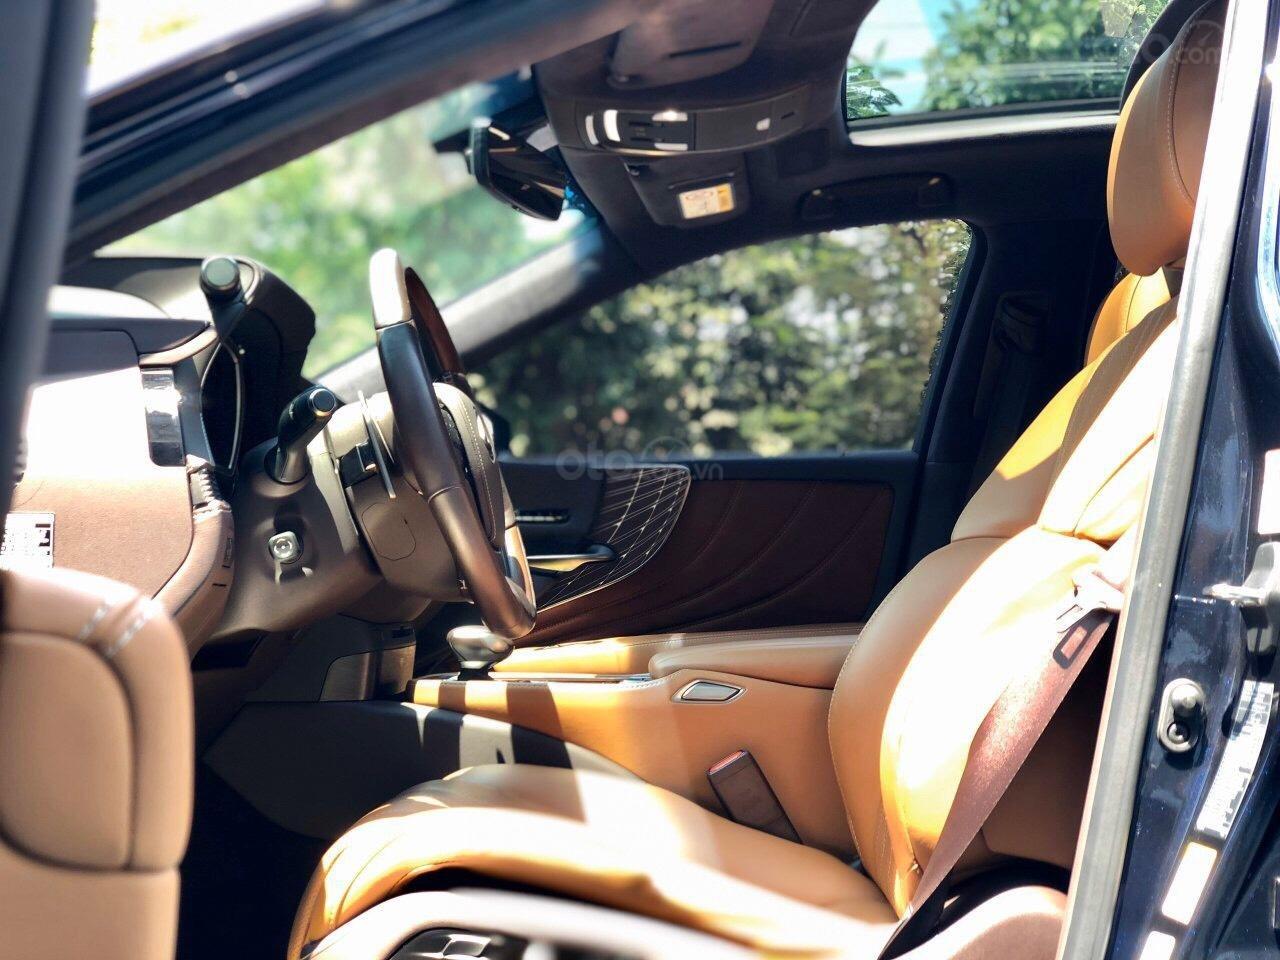 Bán xe Lexus LS 500H 2017, màu xanh lam, giá tốt giao ngay toàn quốc, LH Ngọc Vy 093.996.2368 (13)